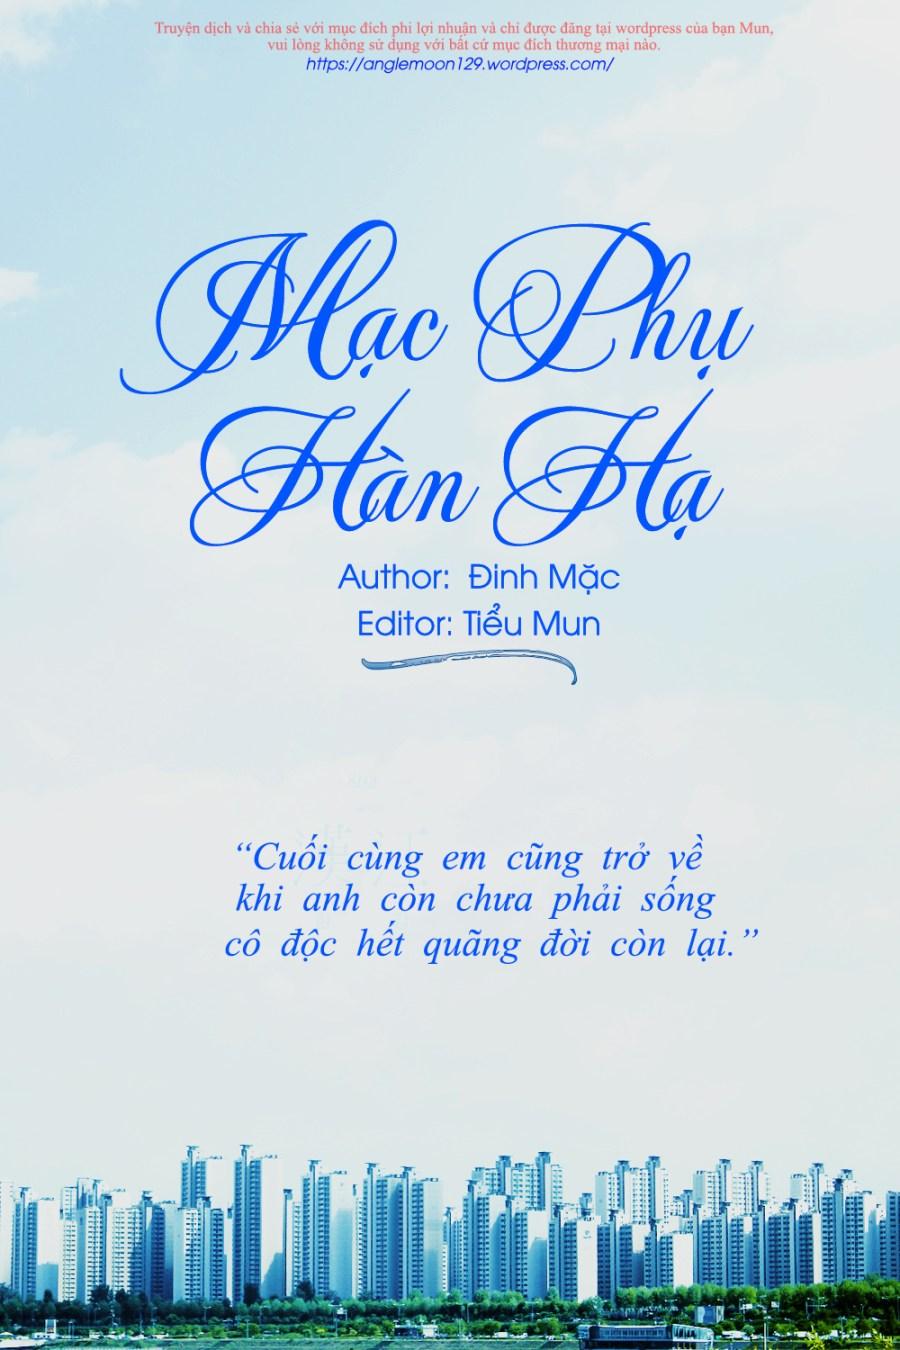 [Ngôn tình hiện đại] Mạc Phụ Hàn Hạ \u2013 Đinh Mặc \u2013 Tiểu Mun